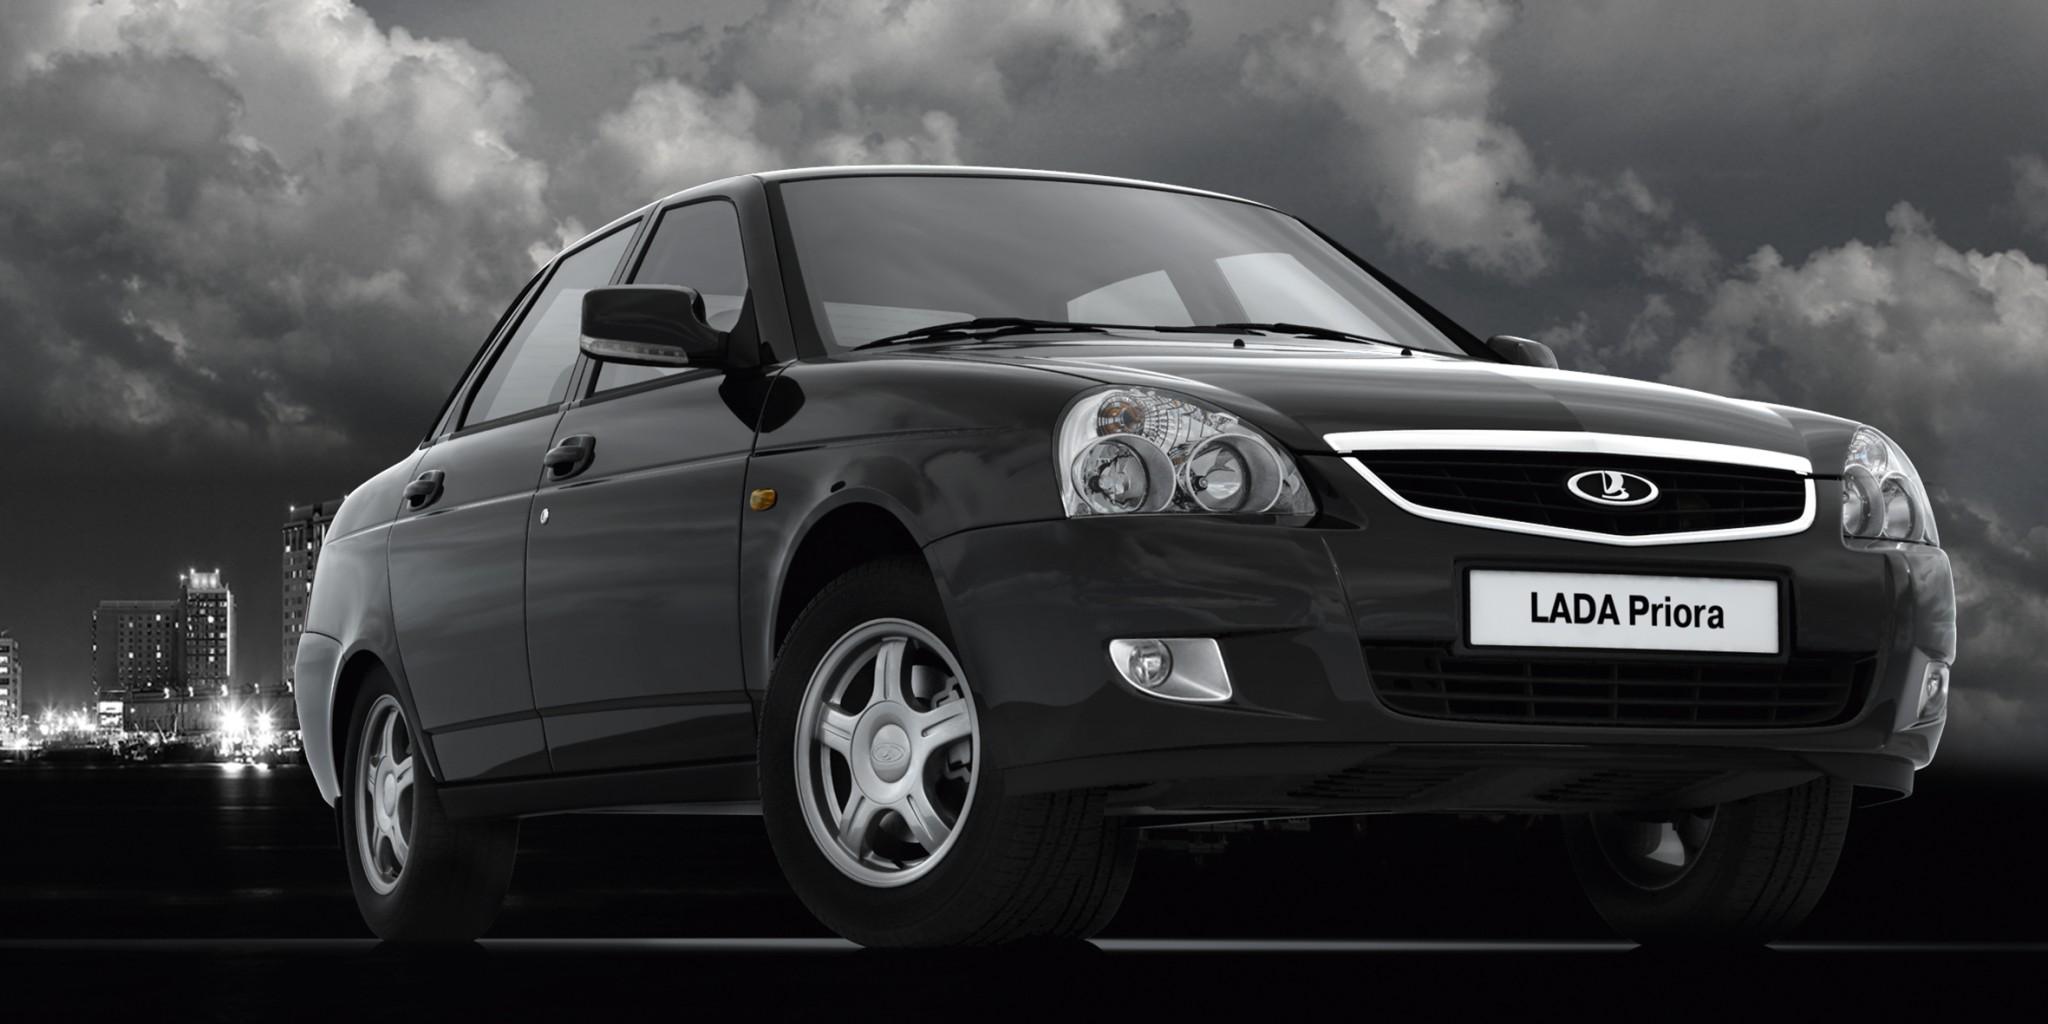 900-тысячный автомобиль LADA Priora